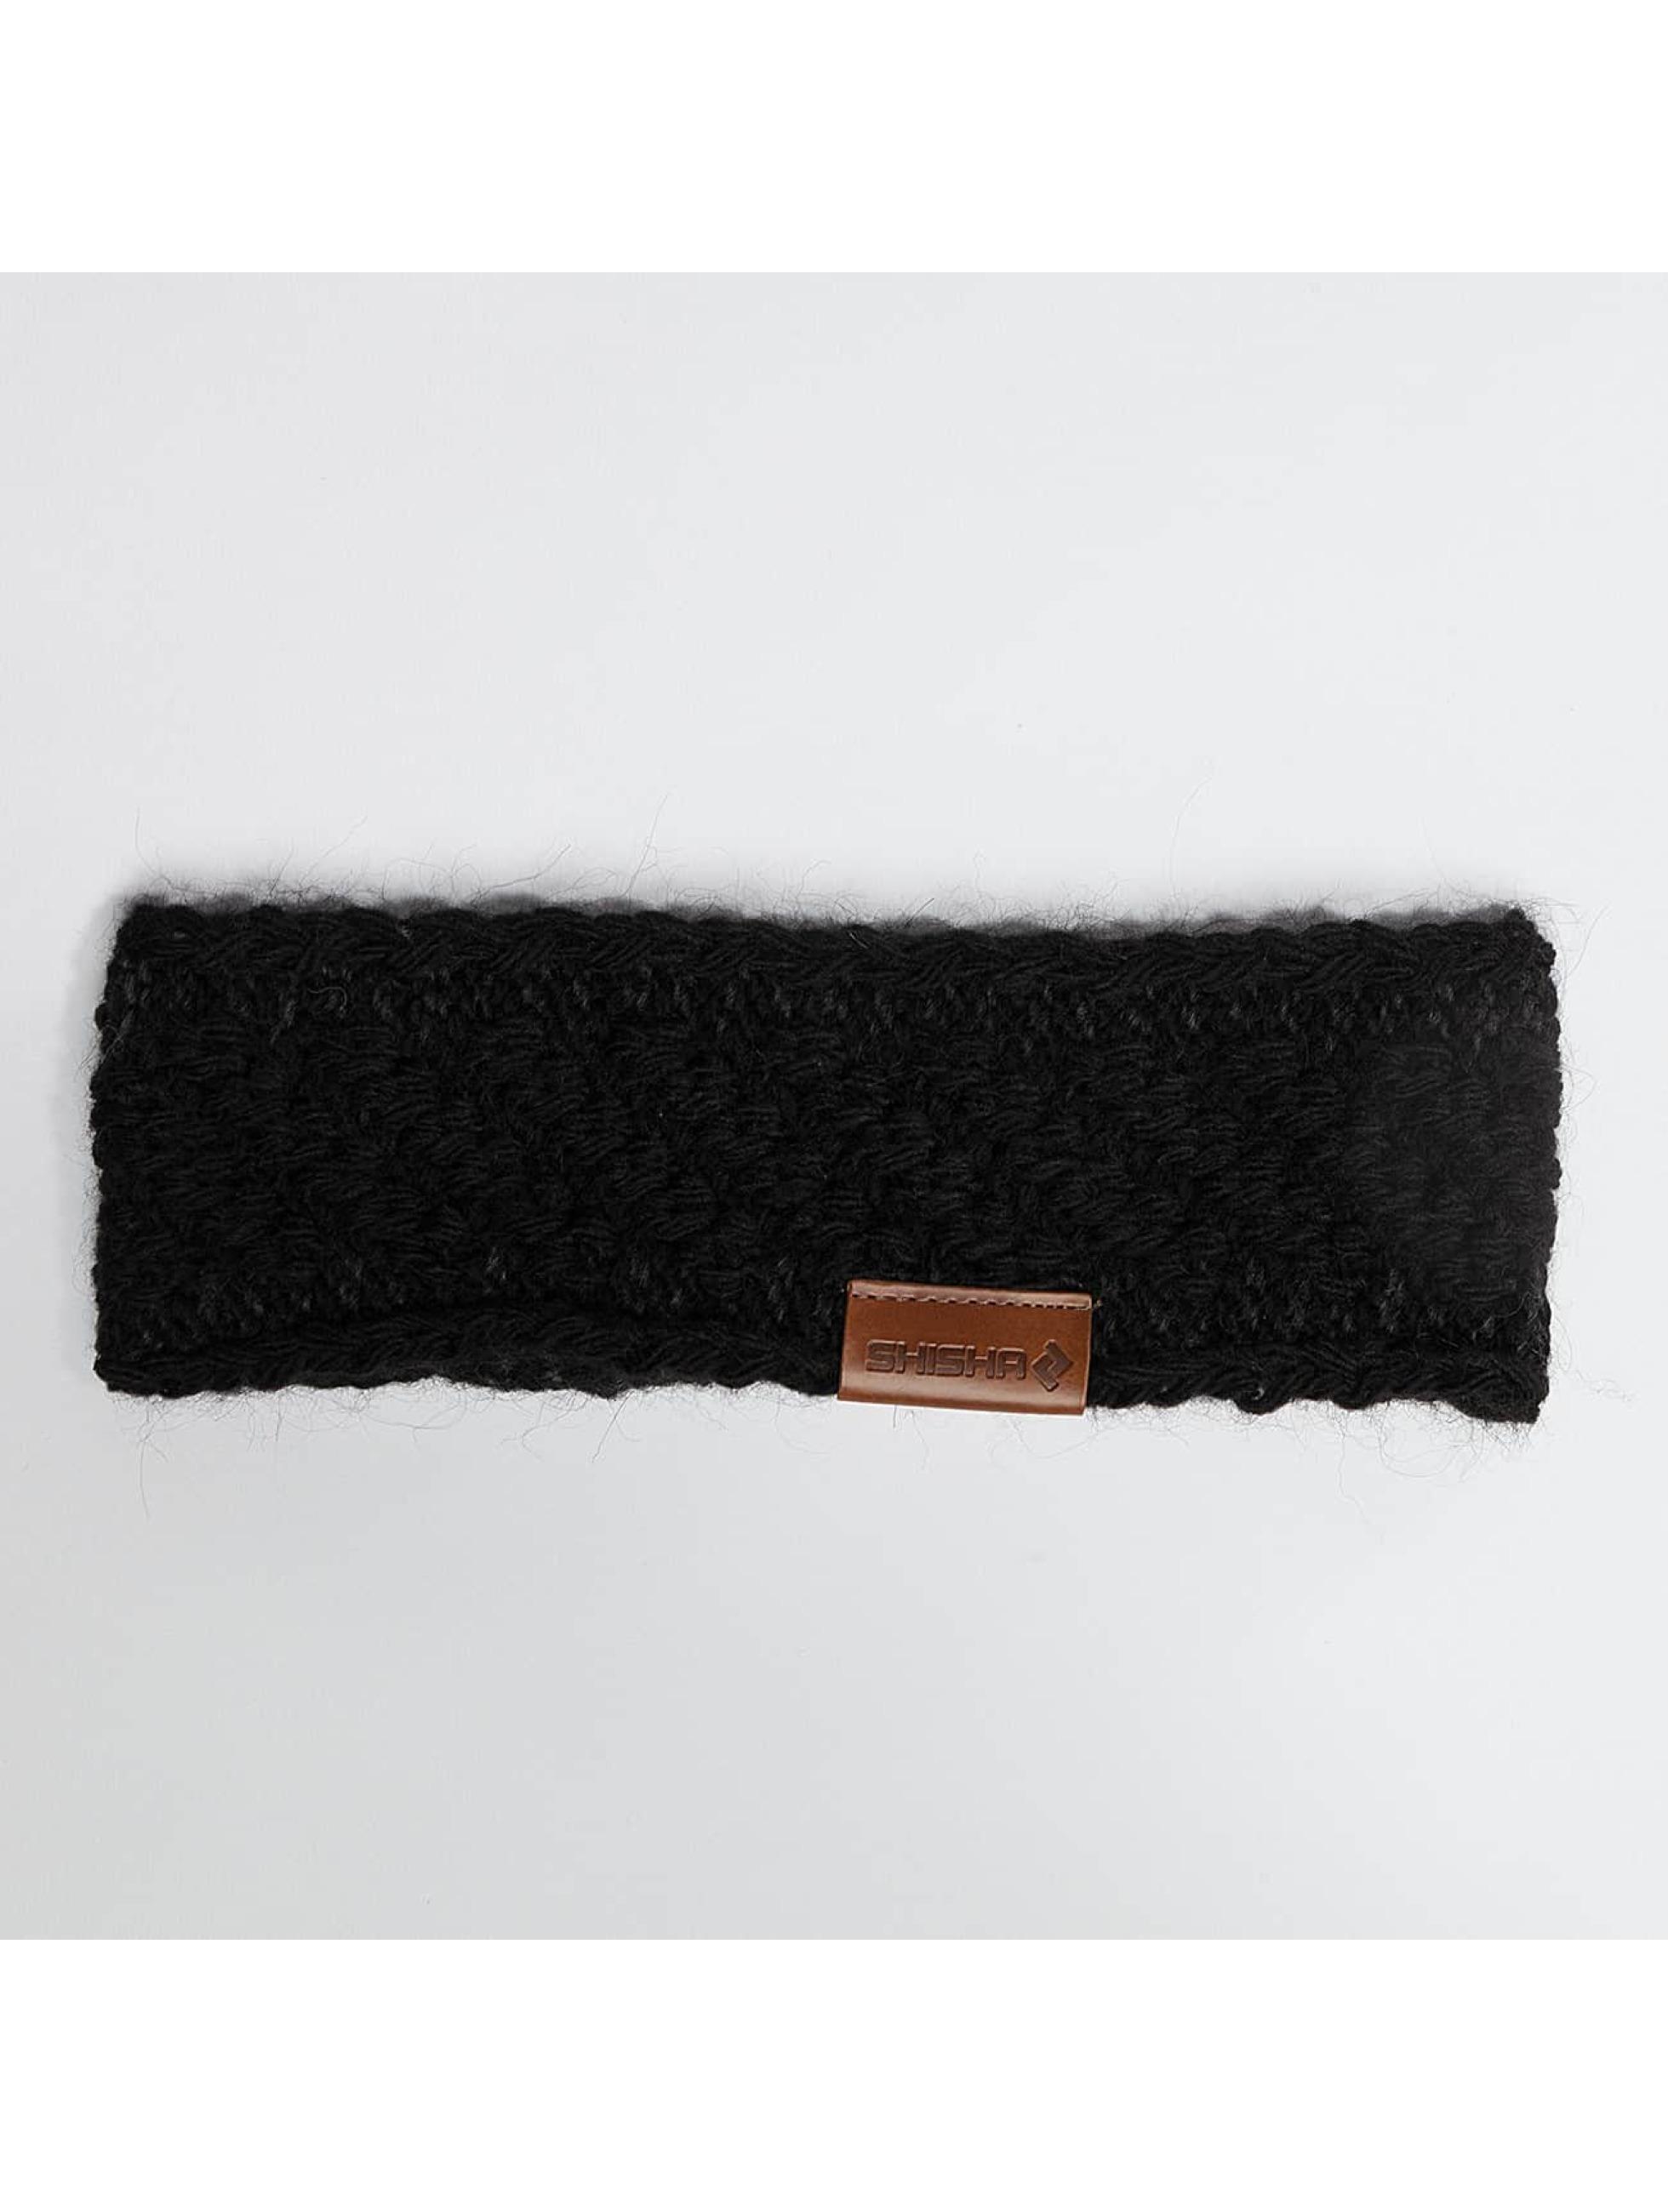 Shisha Frauen Mütze / Ohrenschützer Steern in schwarz